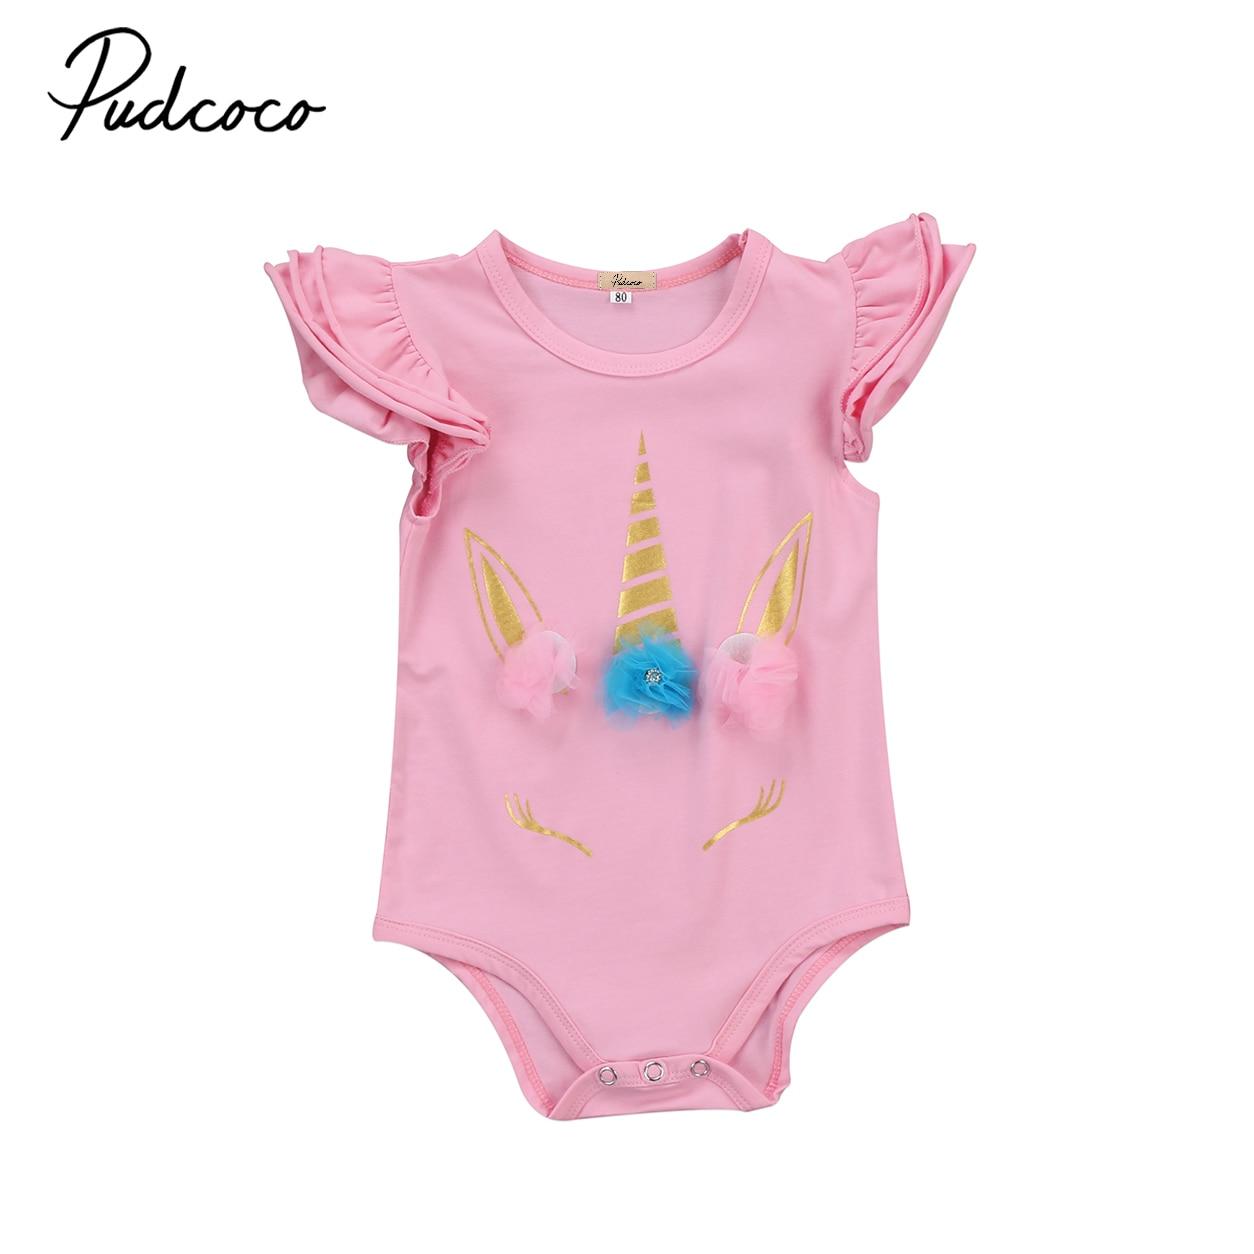 Unicorn Newborn Infant Baby Girls Sleeveless Ruffle Romper ...